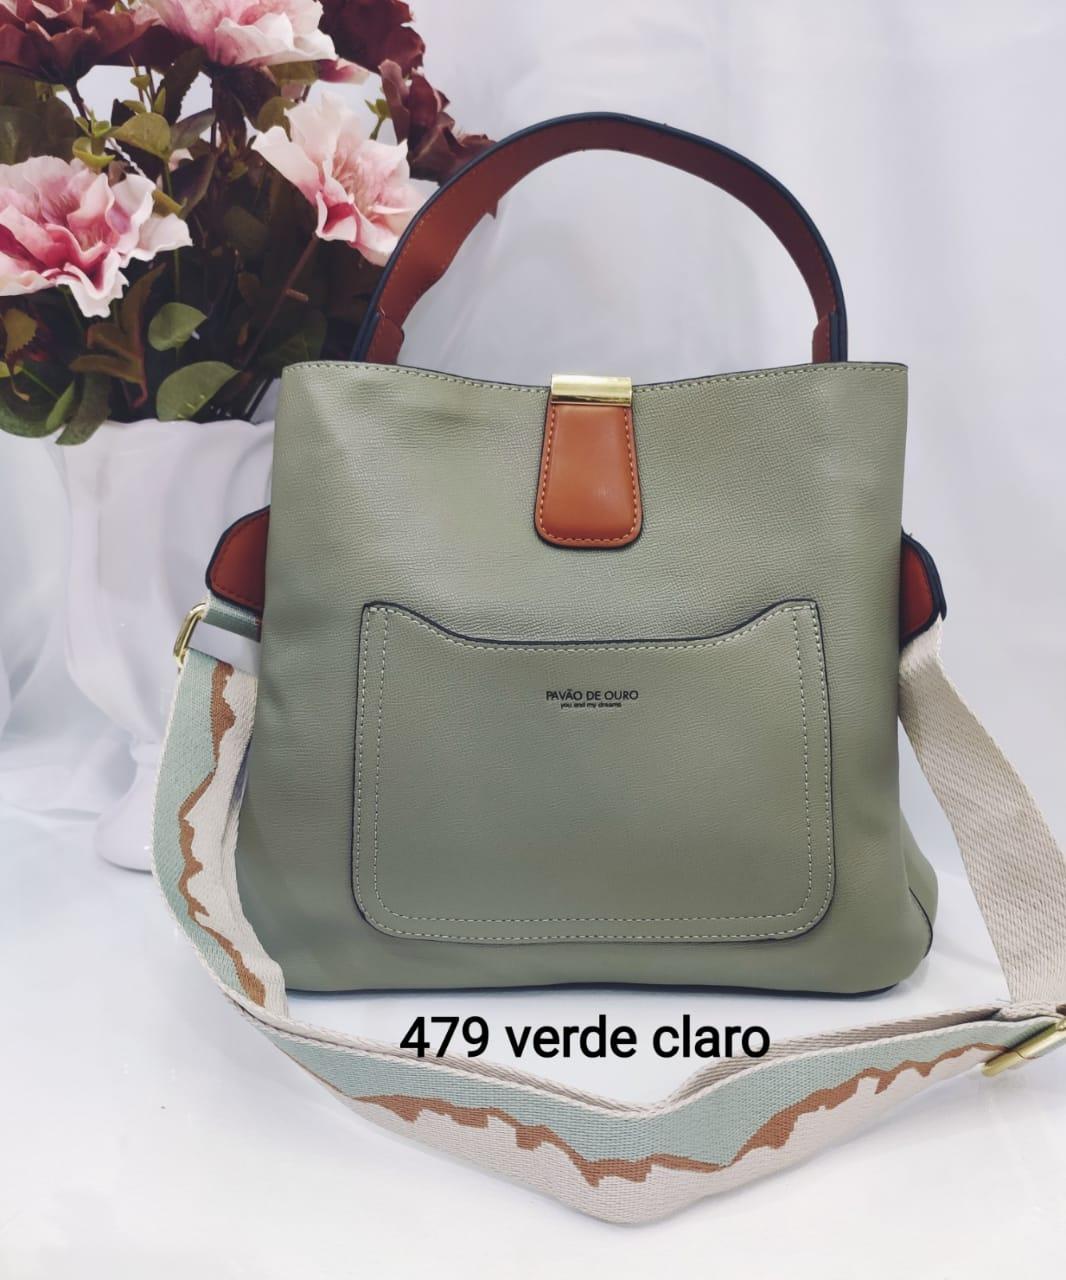 Y479 Bolsa de Ombro Pavão de Ouro Couro Sintético PU